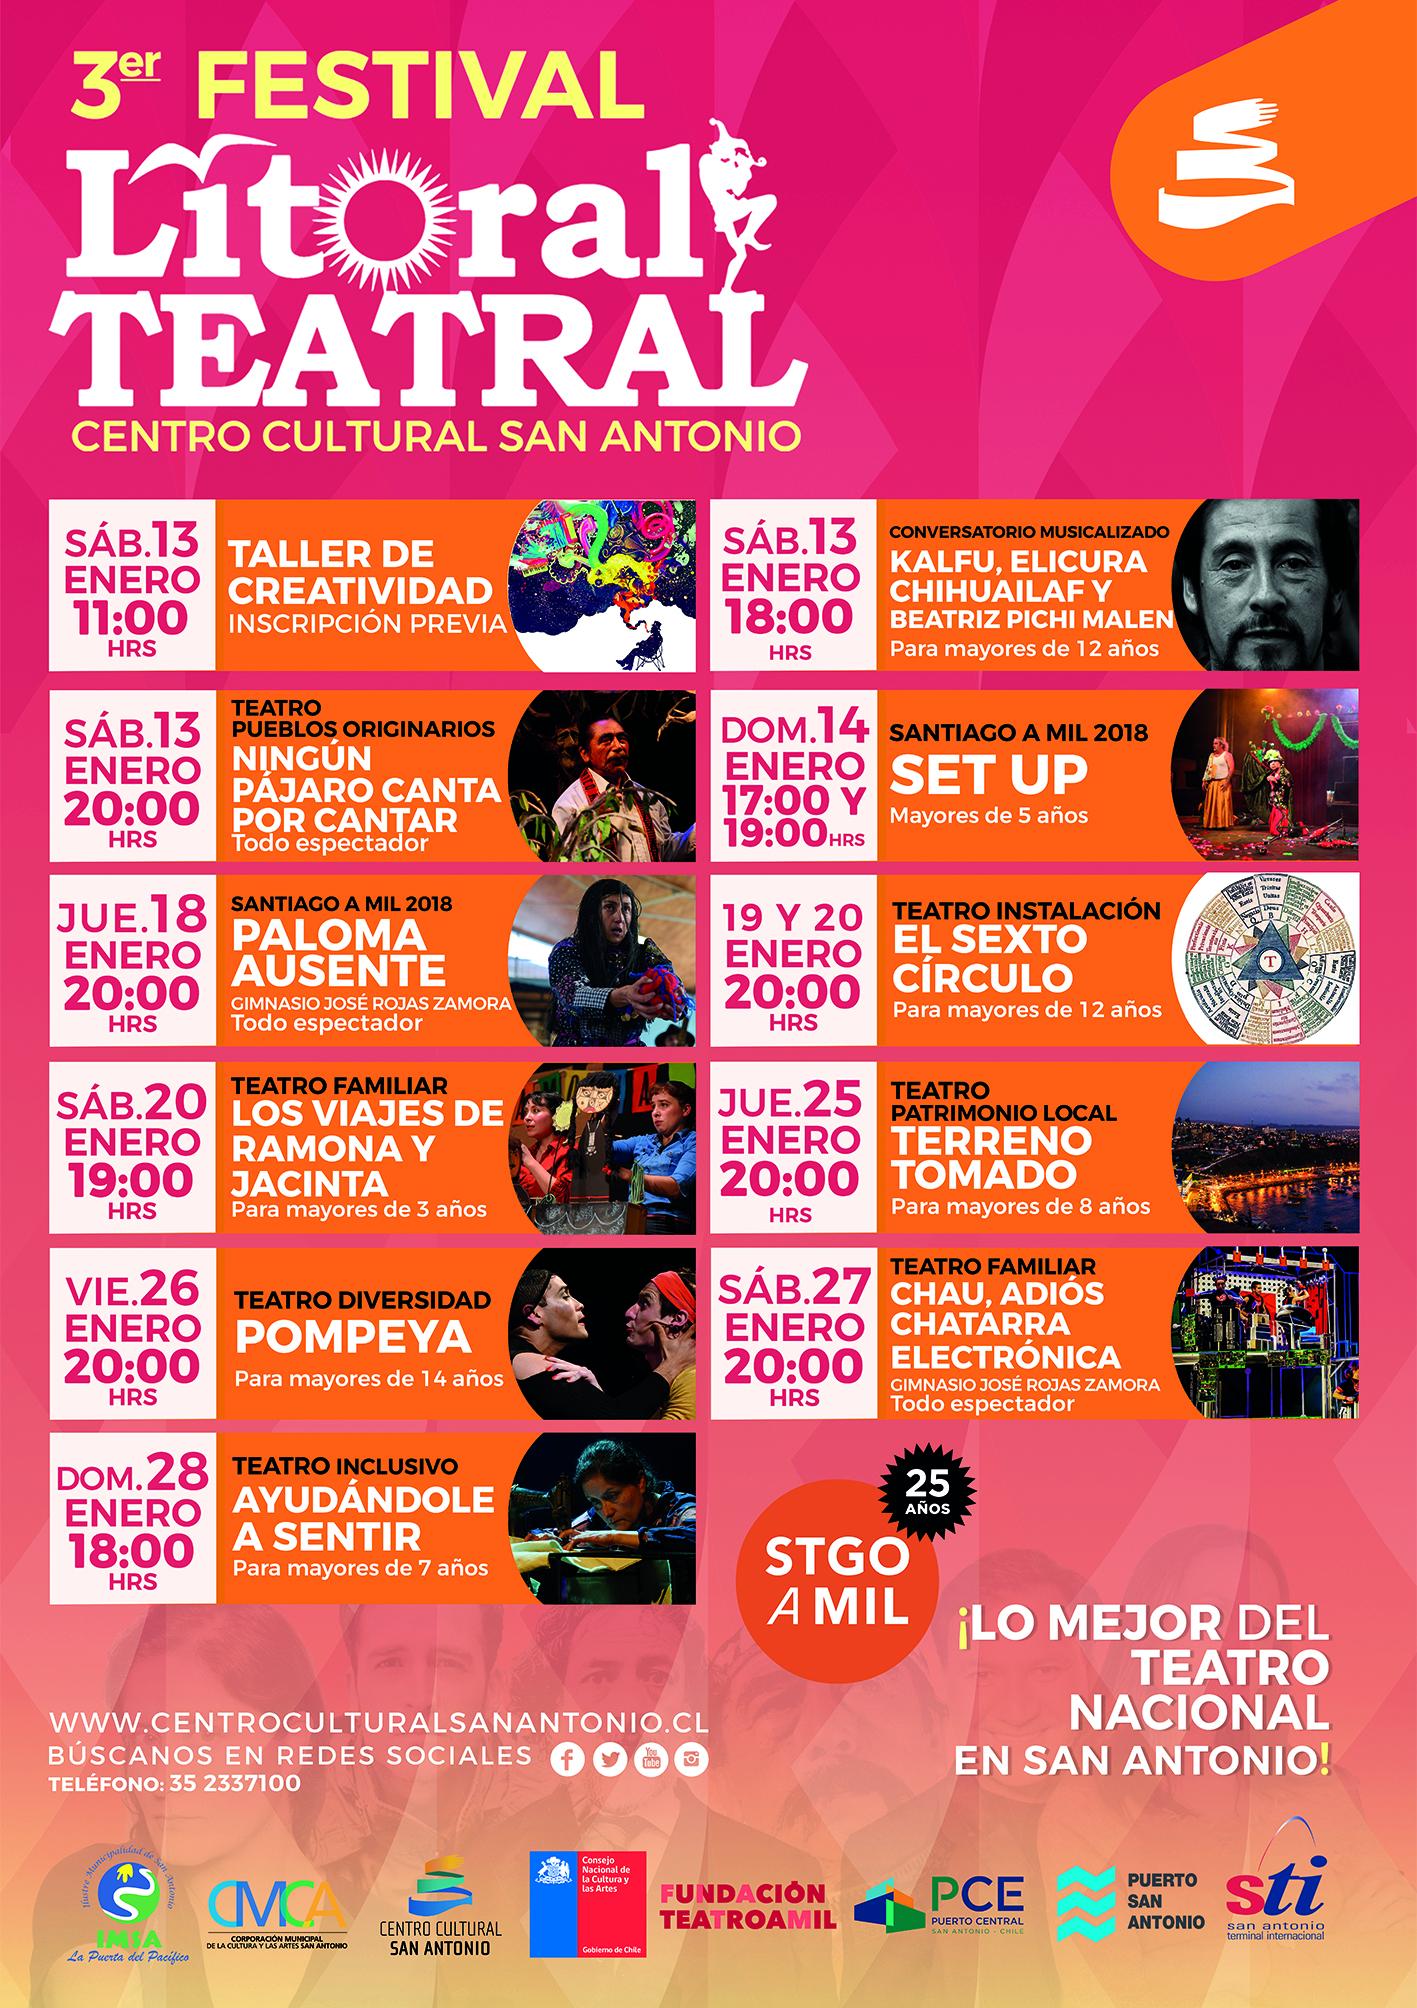 Festival Litoral Teatral